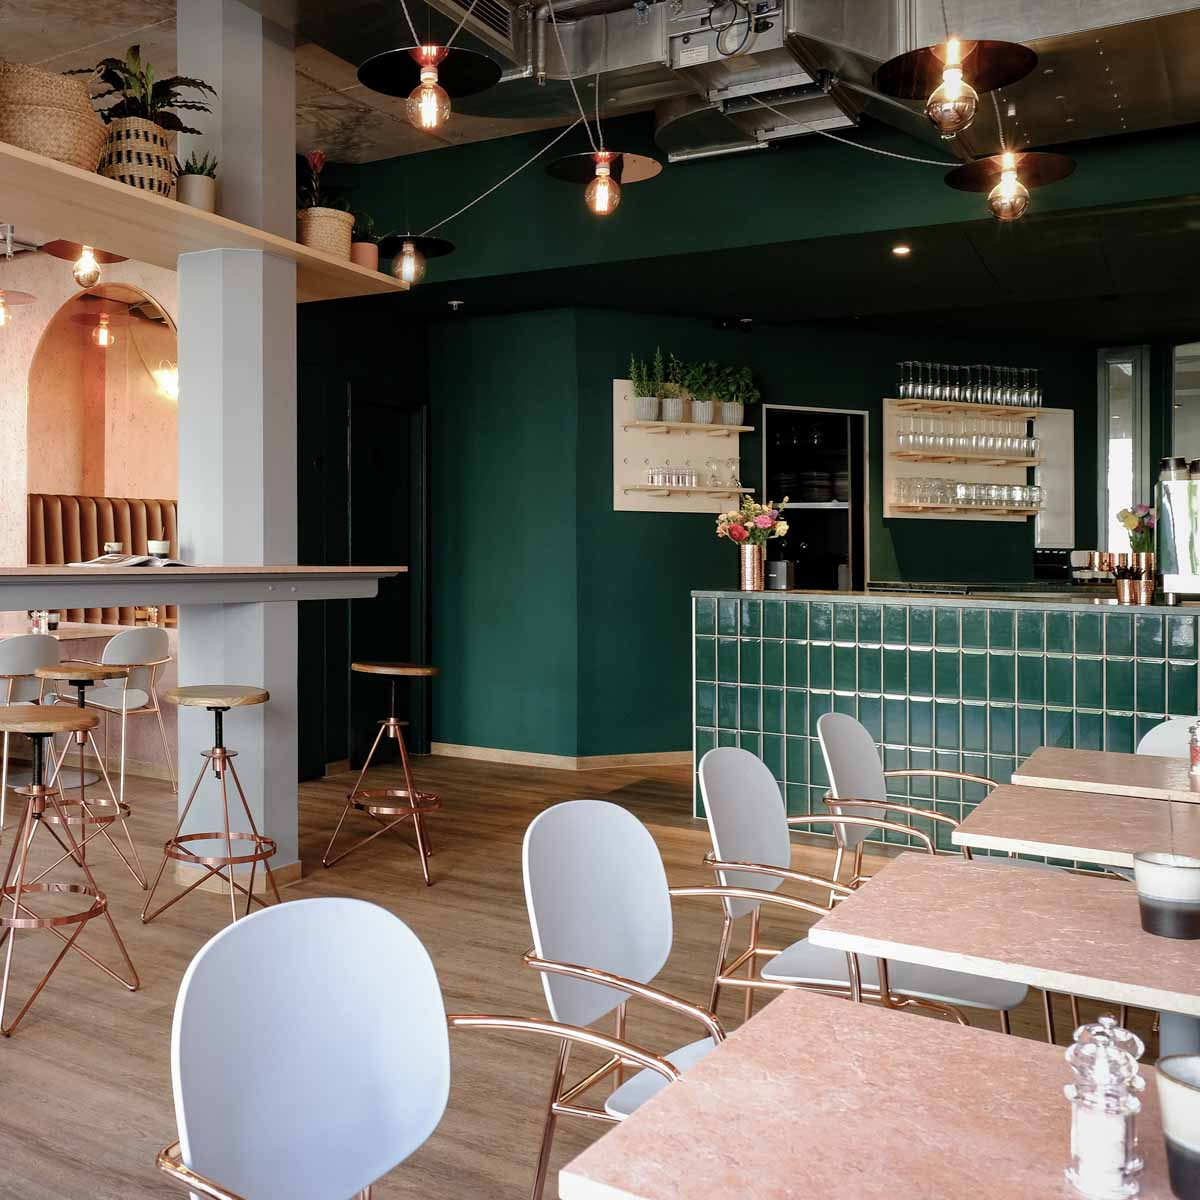 Marys Coffee Club in München © Stefan Hrubesch